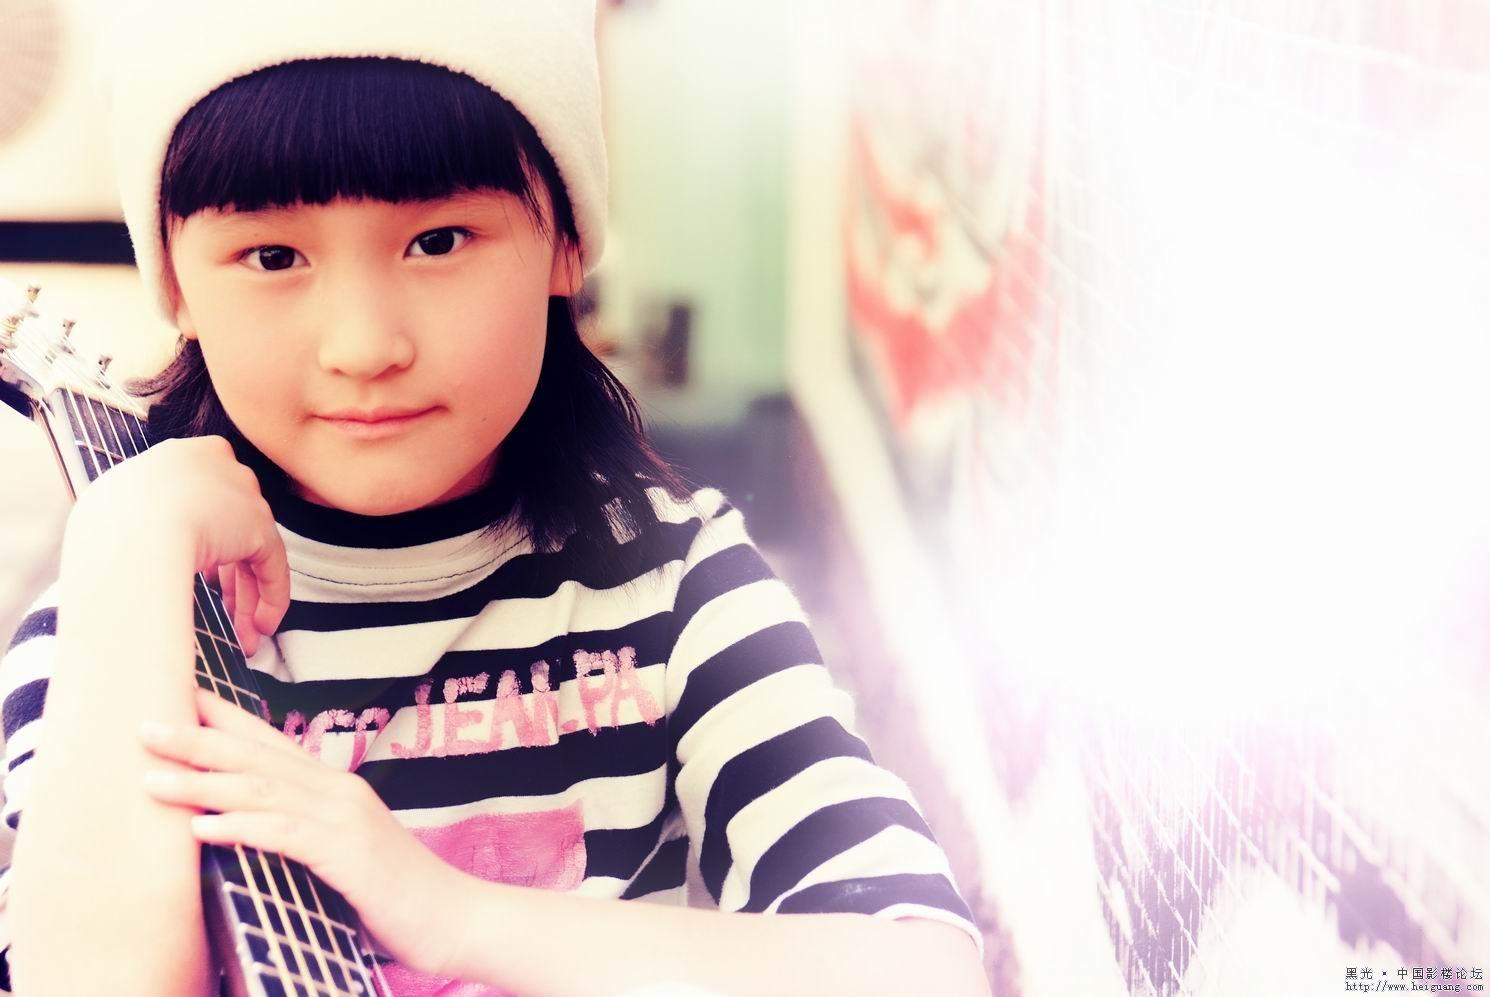 看看我09年刚拍的儿童摄影,呵呵.主流?非主流,玩而已